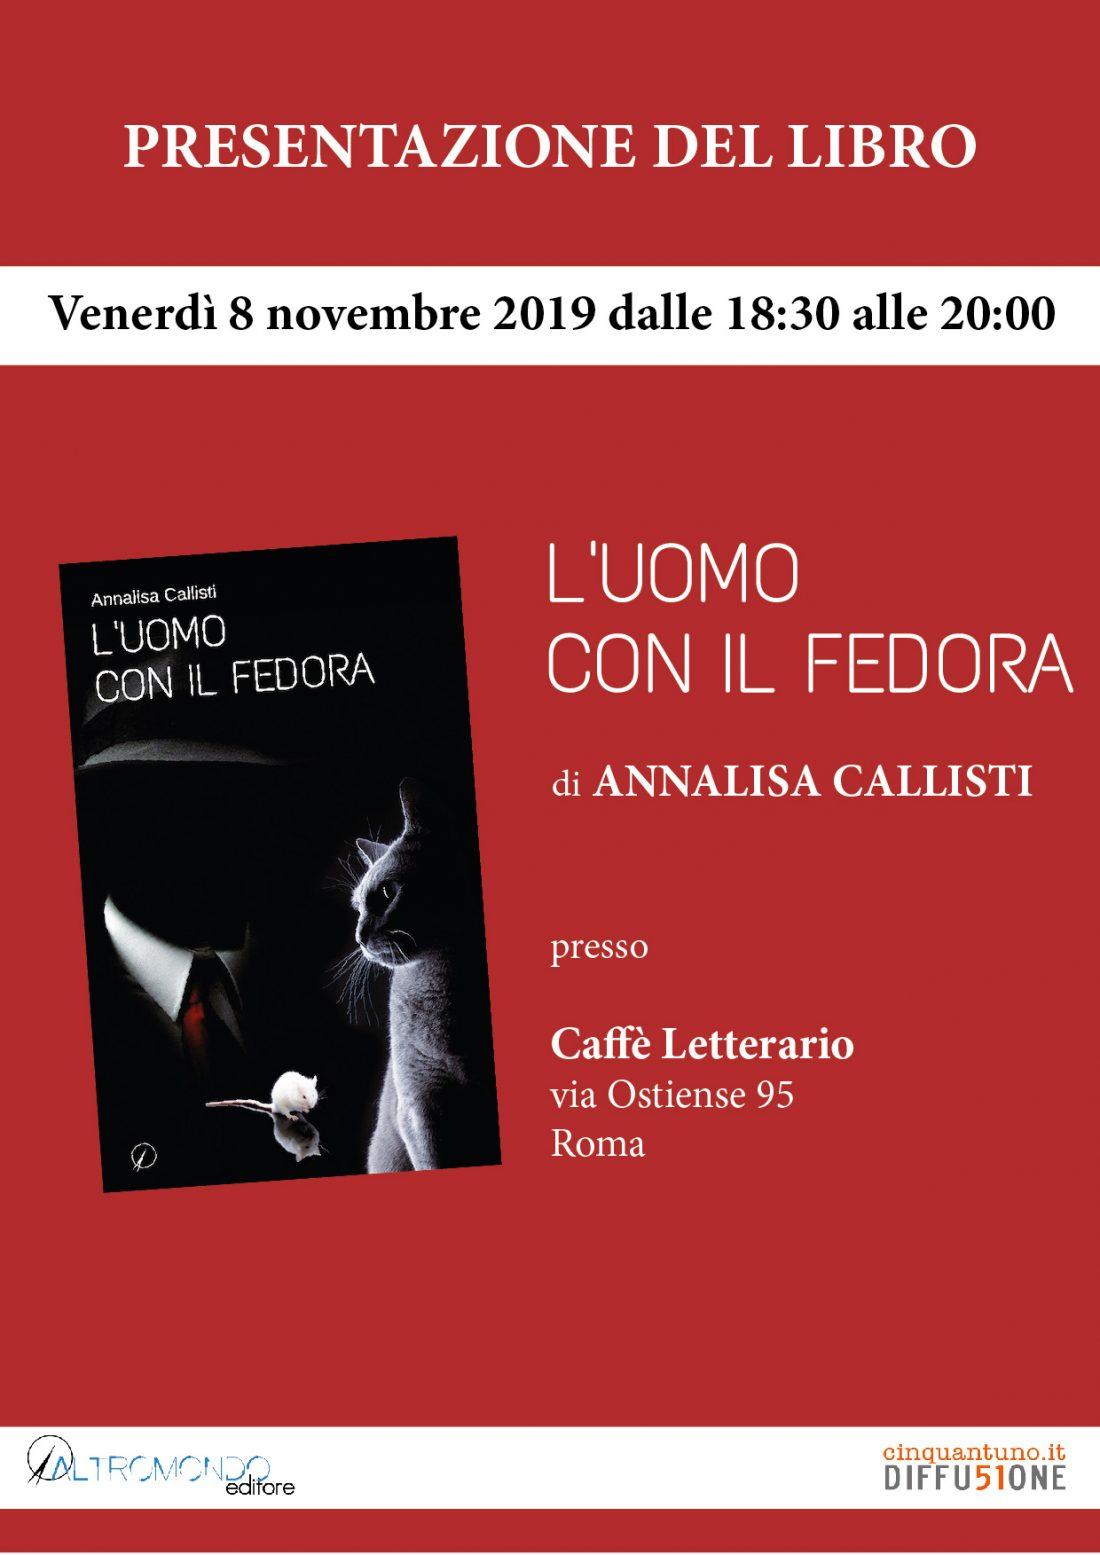 """Presentazione del libro """"L'Uomo con il fedora"""" di Annalisa Callisti"""